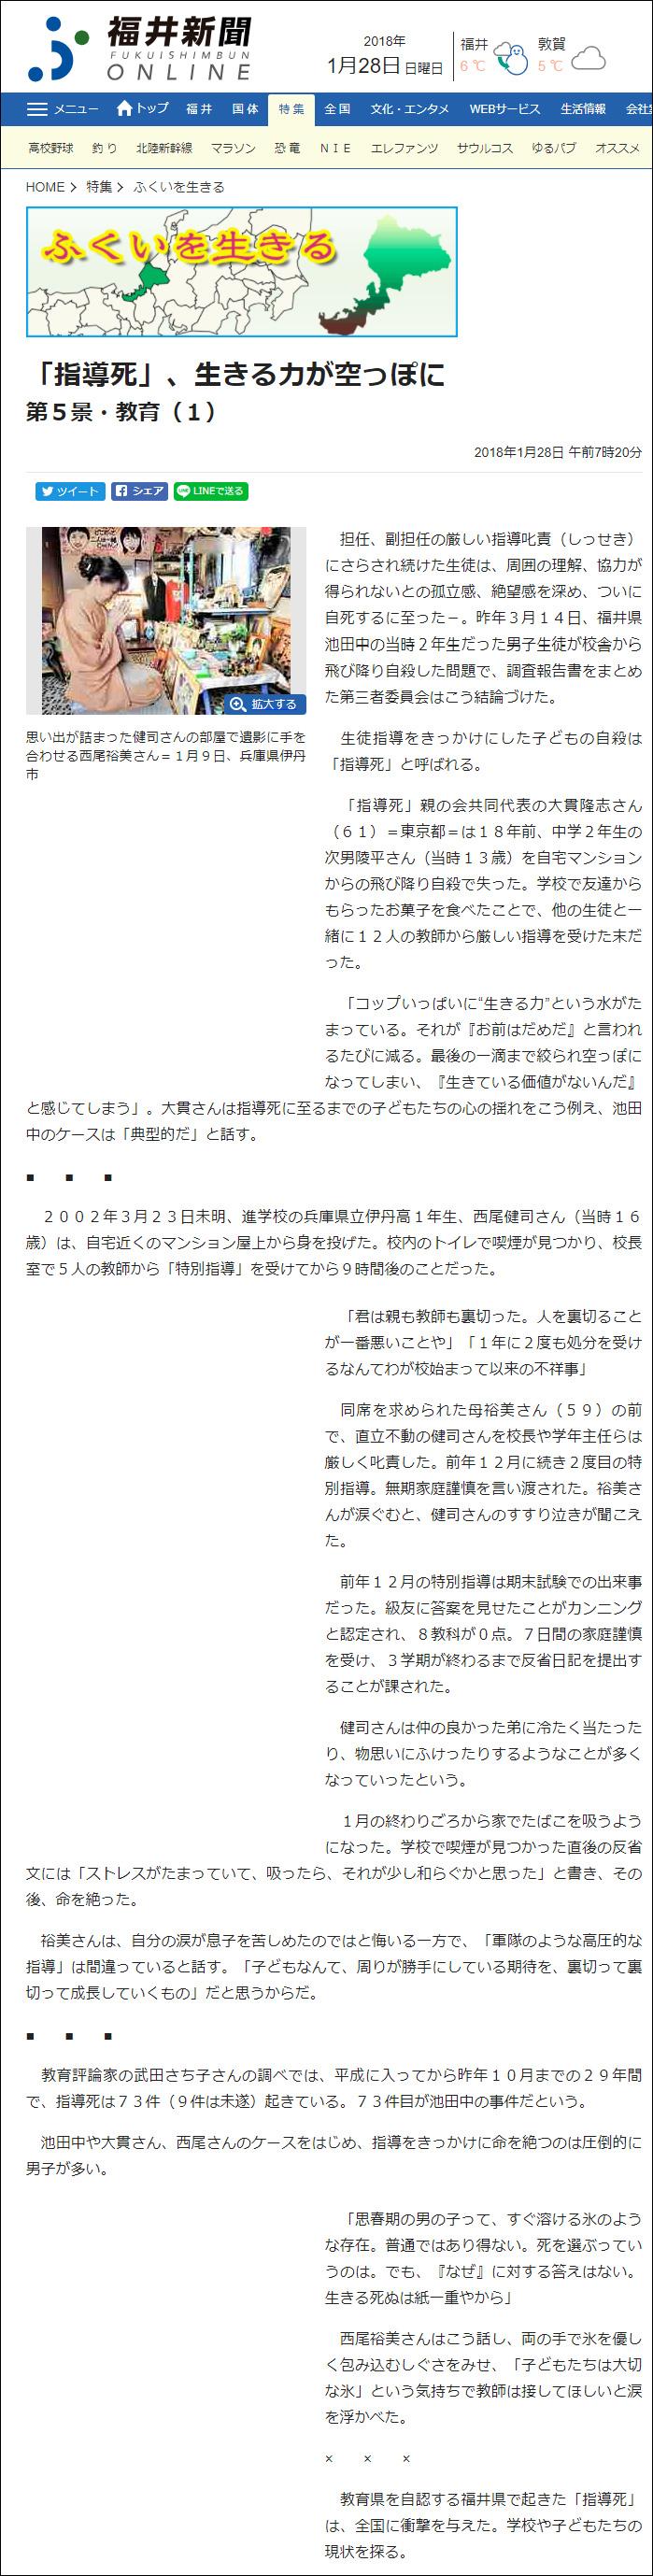 大貫隆志・武田さち子:福井新聞掲載、2018年1月28日「『指導死』、生きる力が空っぽに」